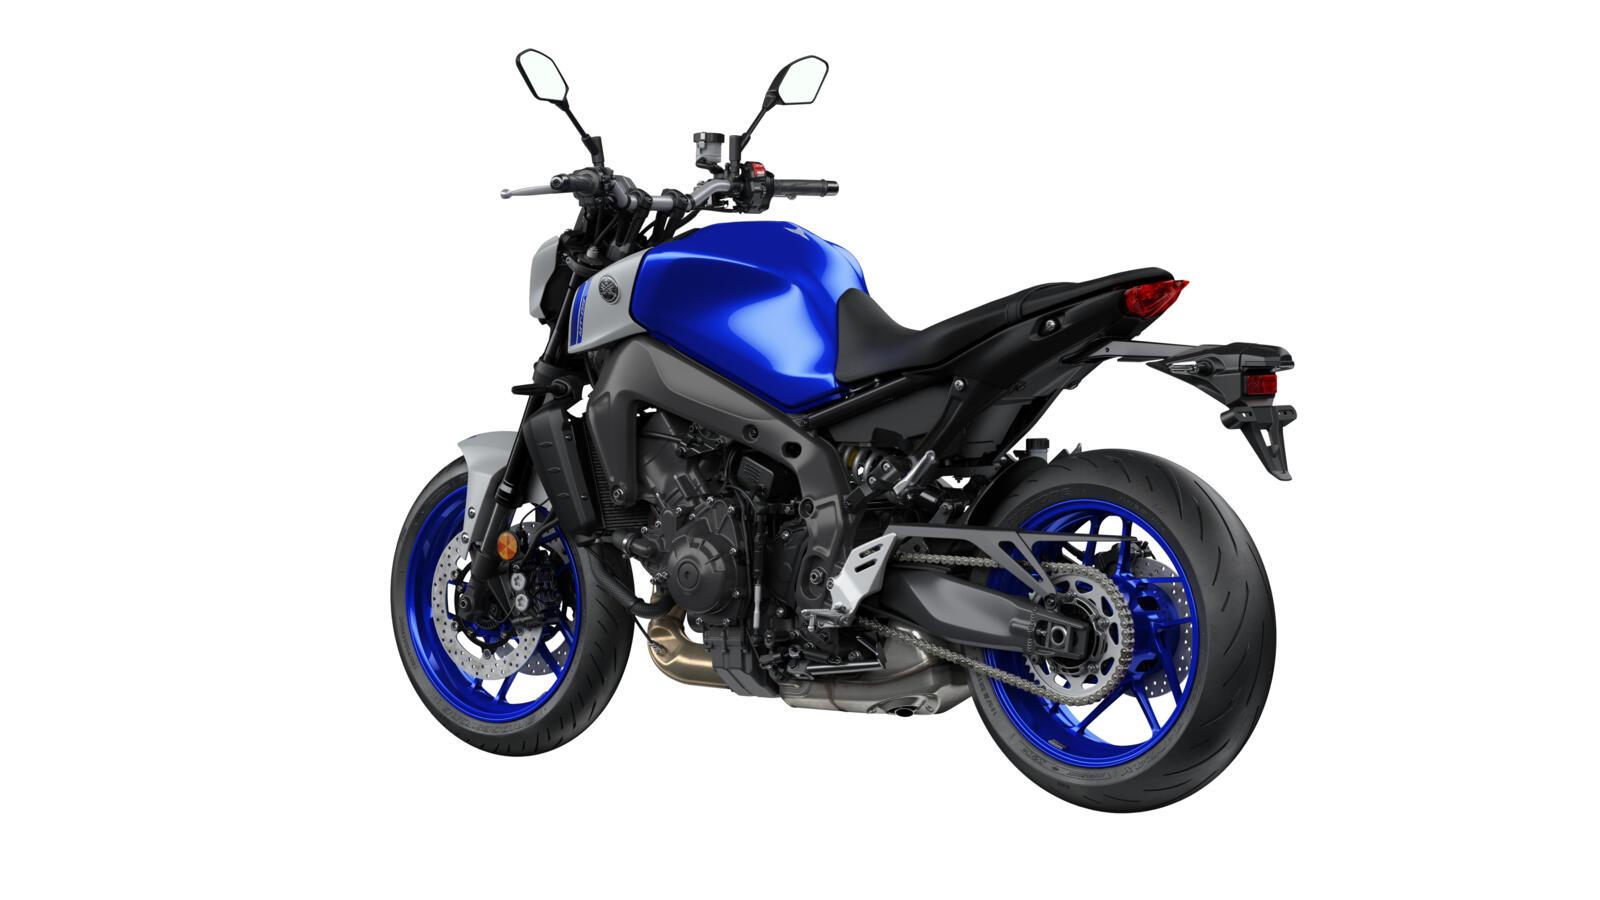 Yamaha MT-09 kopen